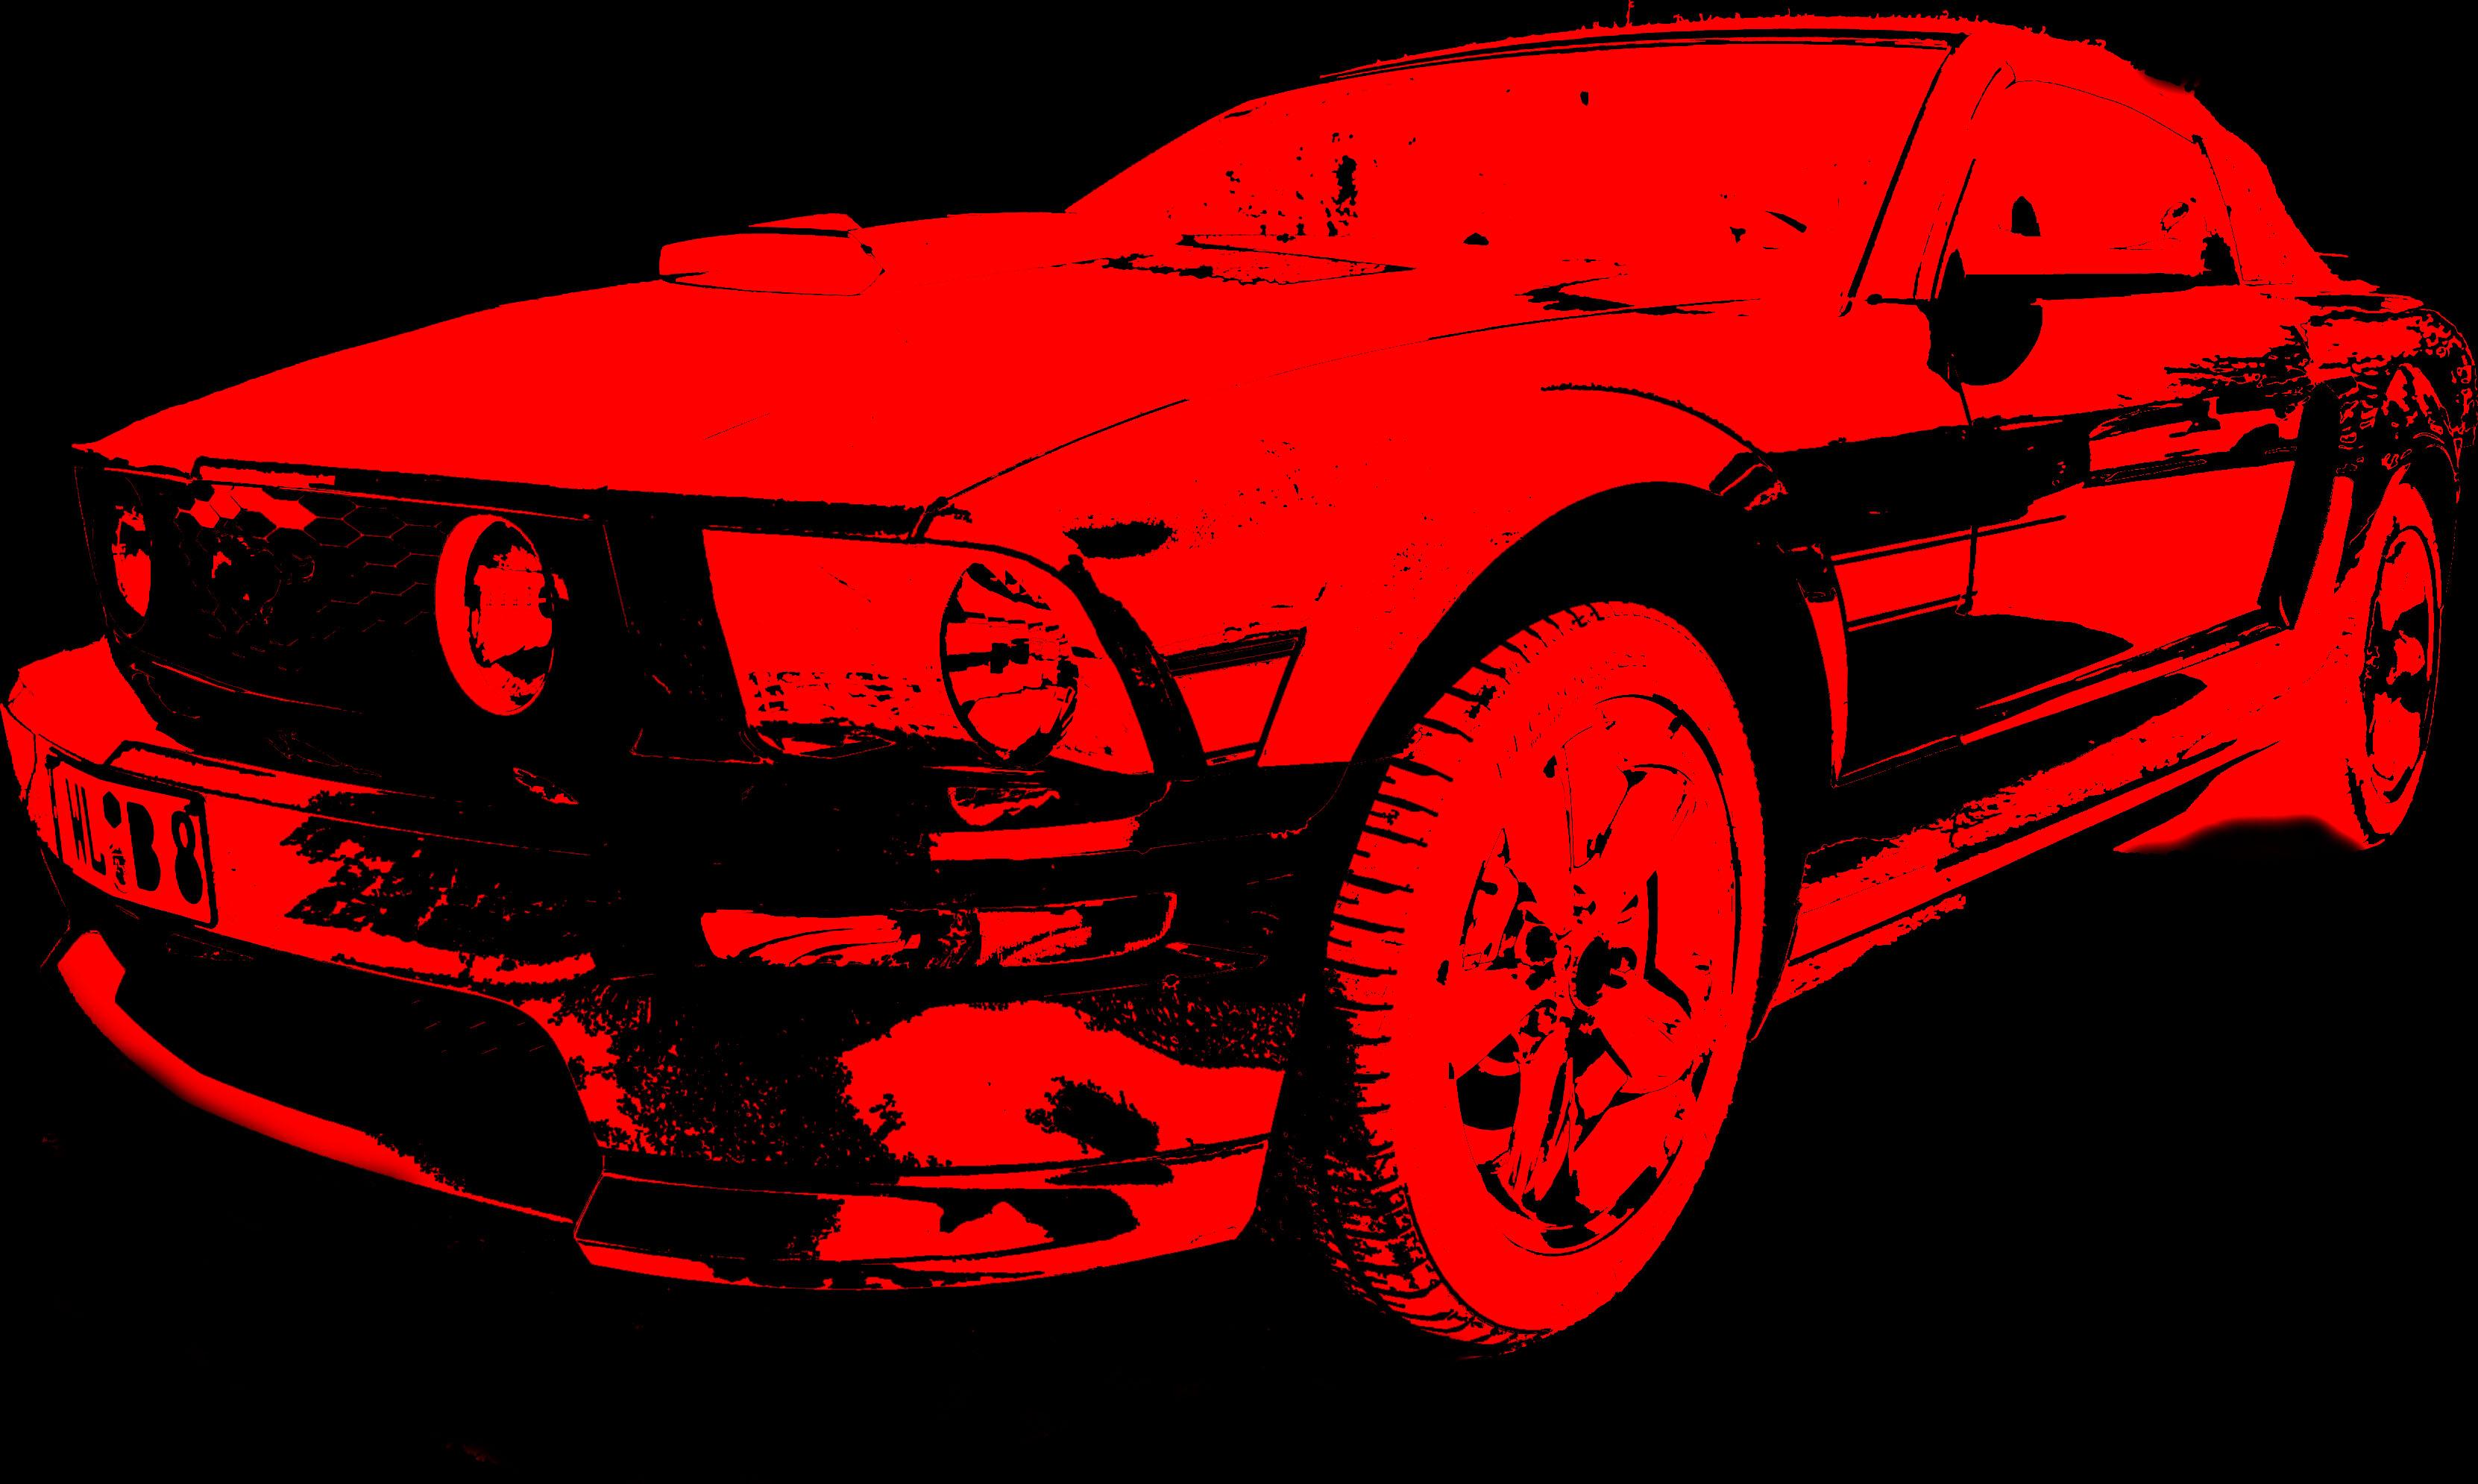 Gears of Mustang